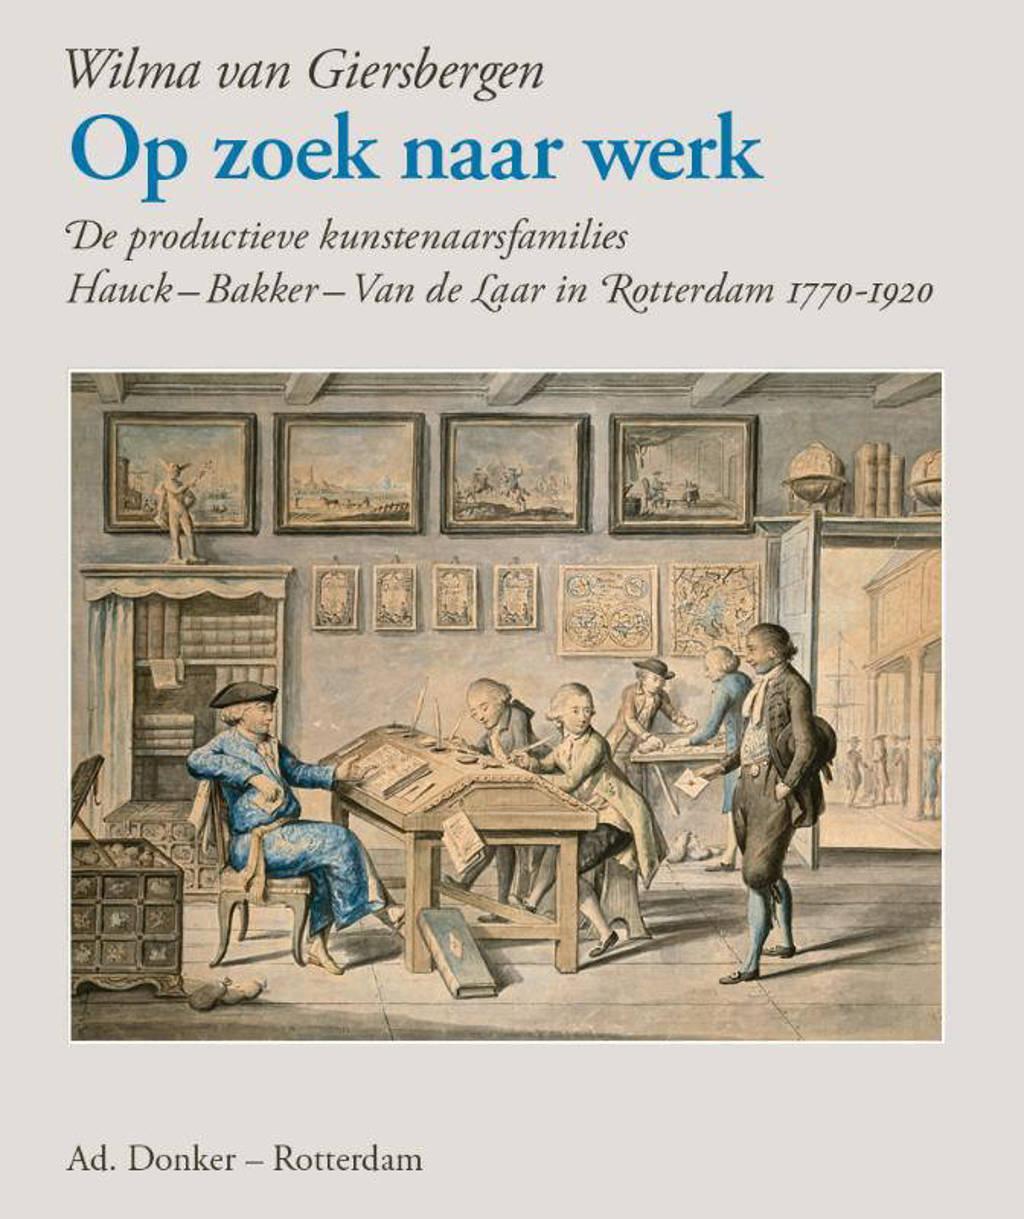 Op zoek naar werk - Wilma van Giersbergen